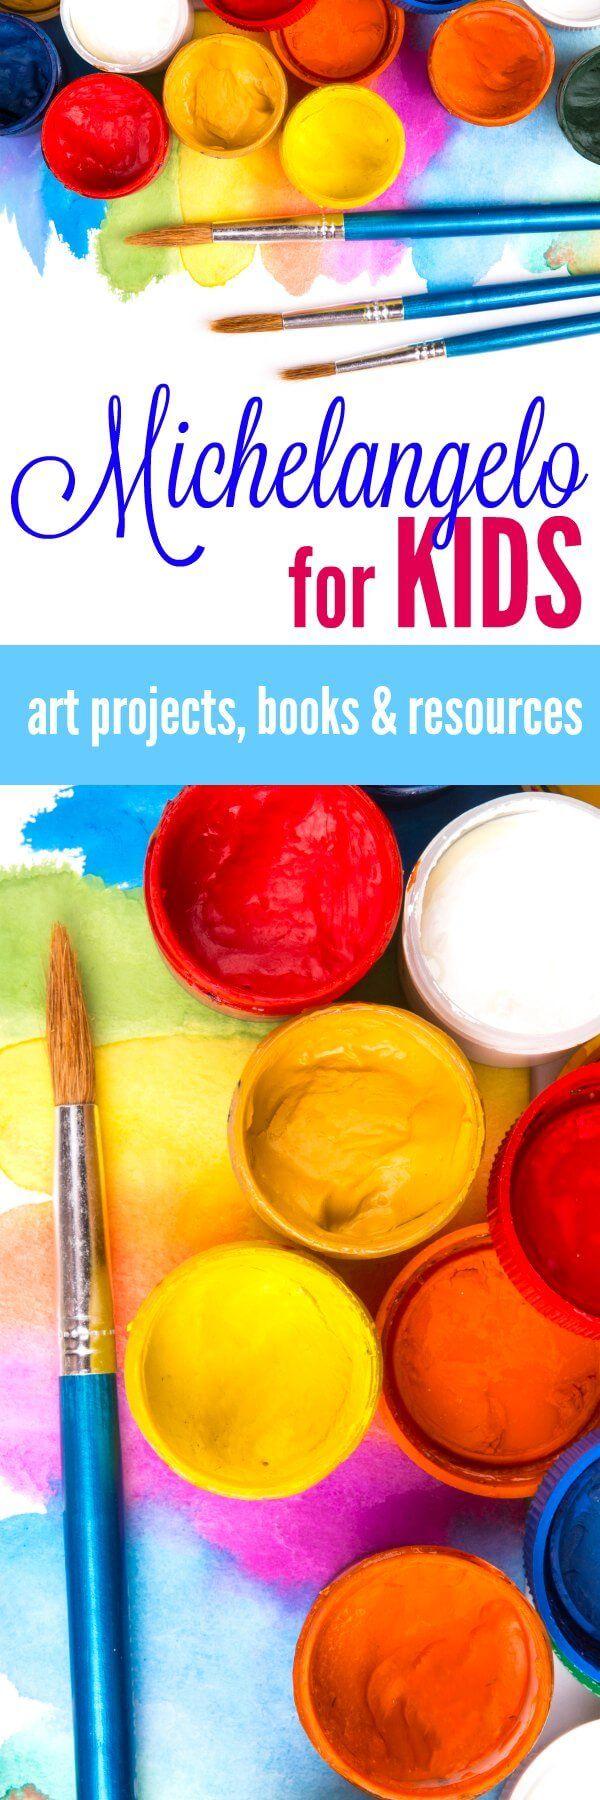 Michelangelo for Kids | Renaissance artists, Fun ...